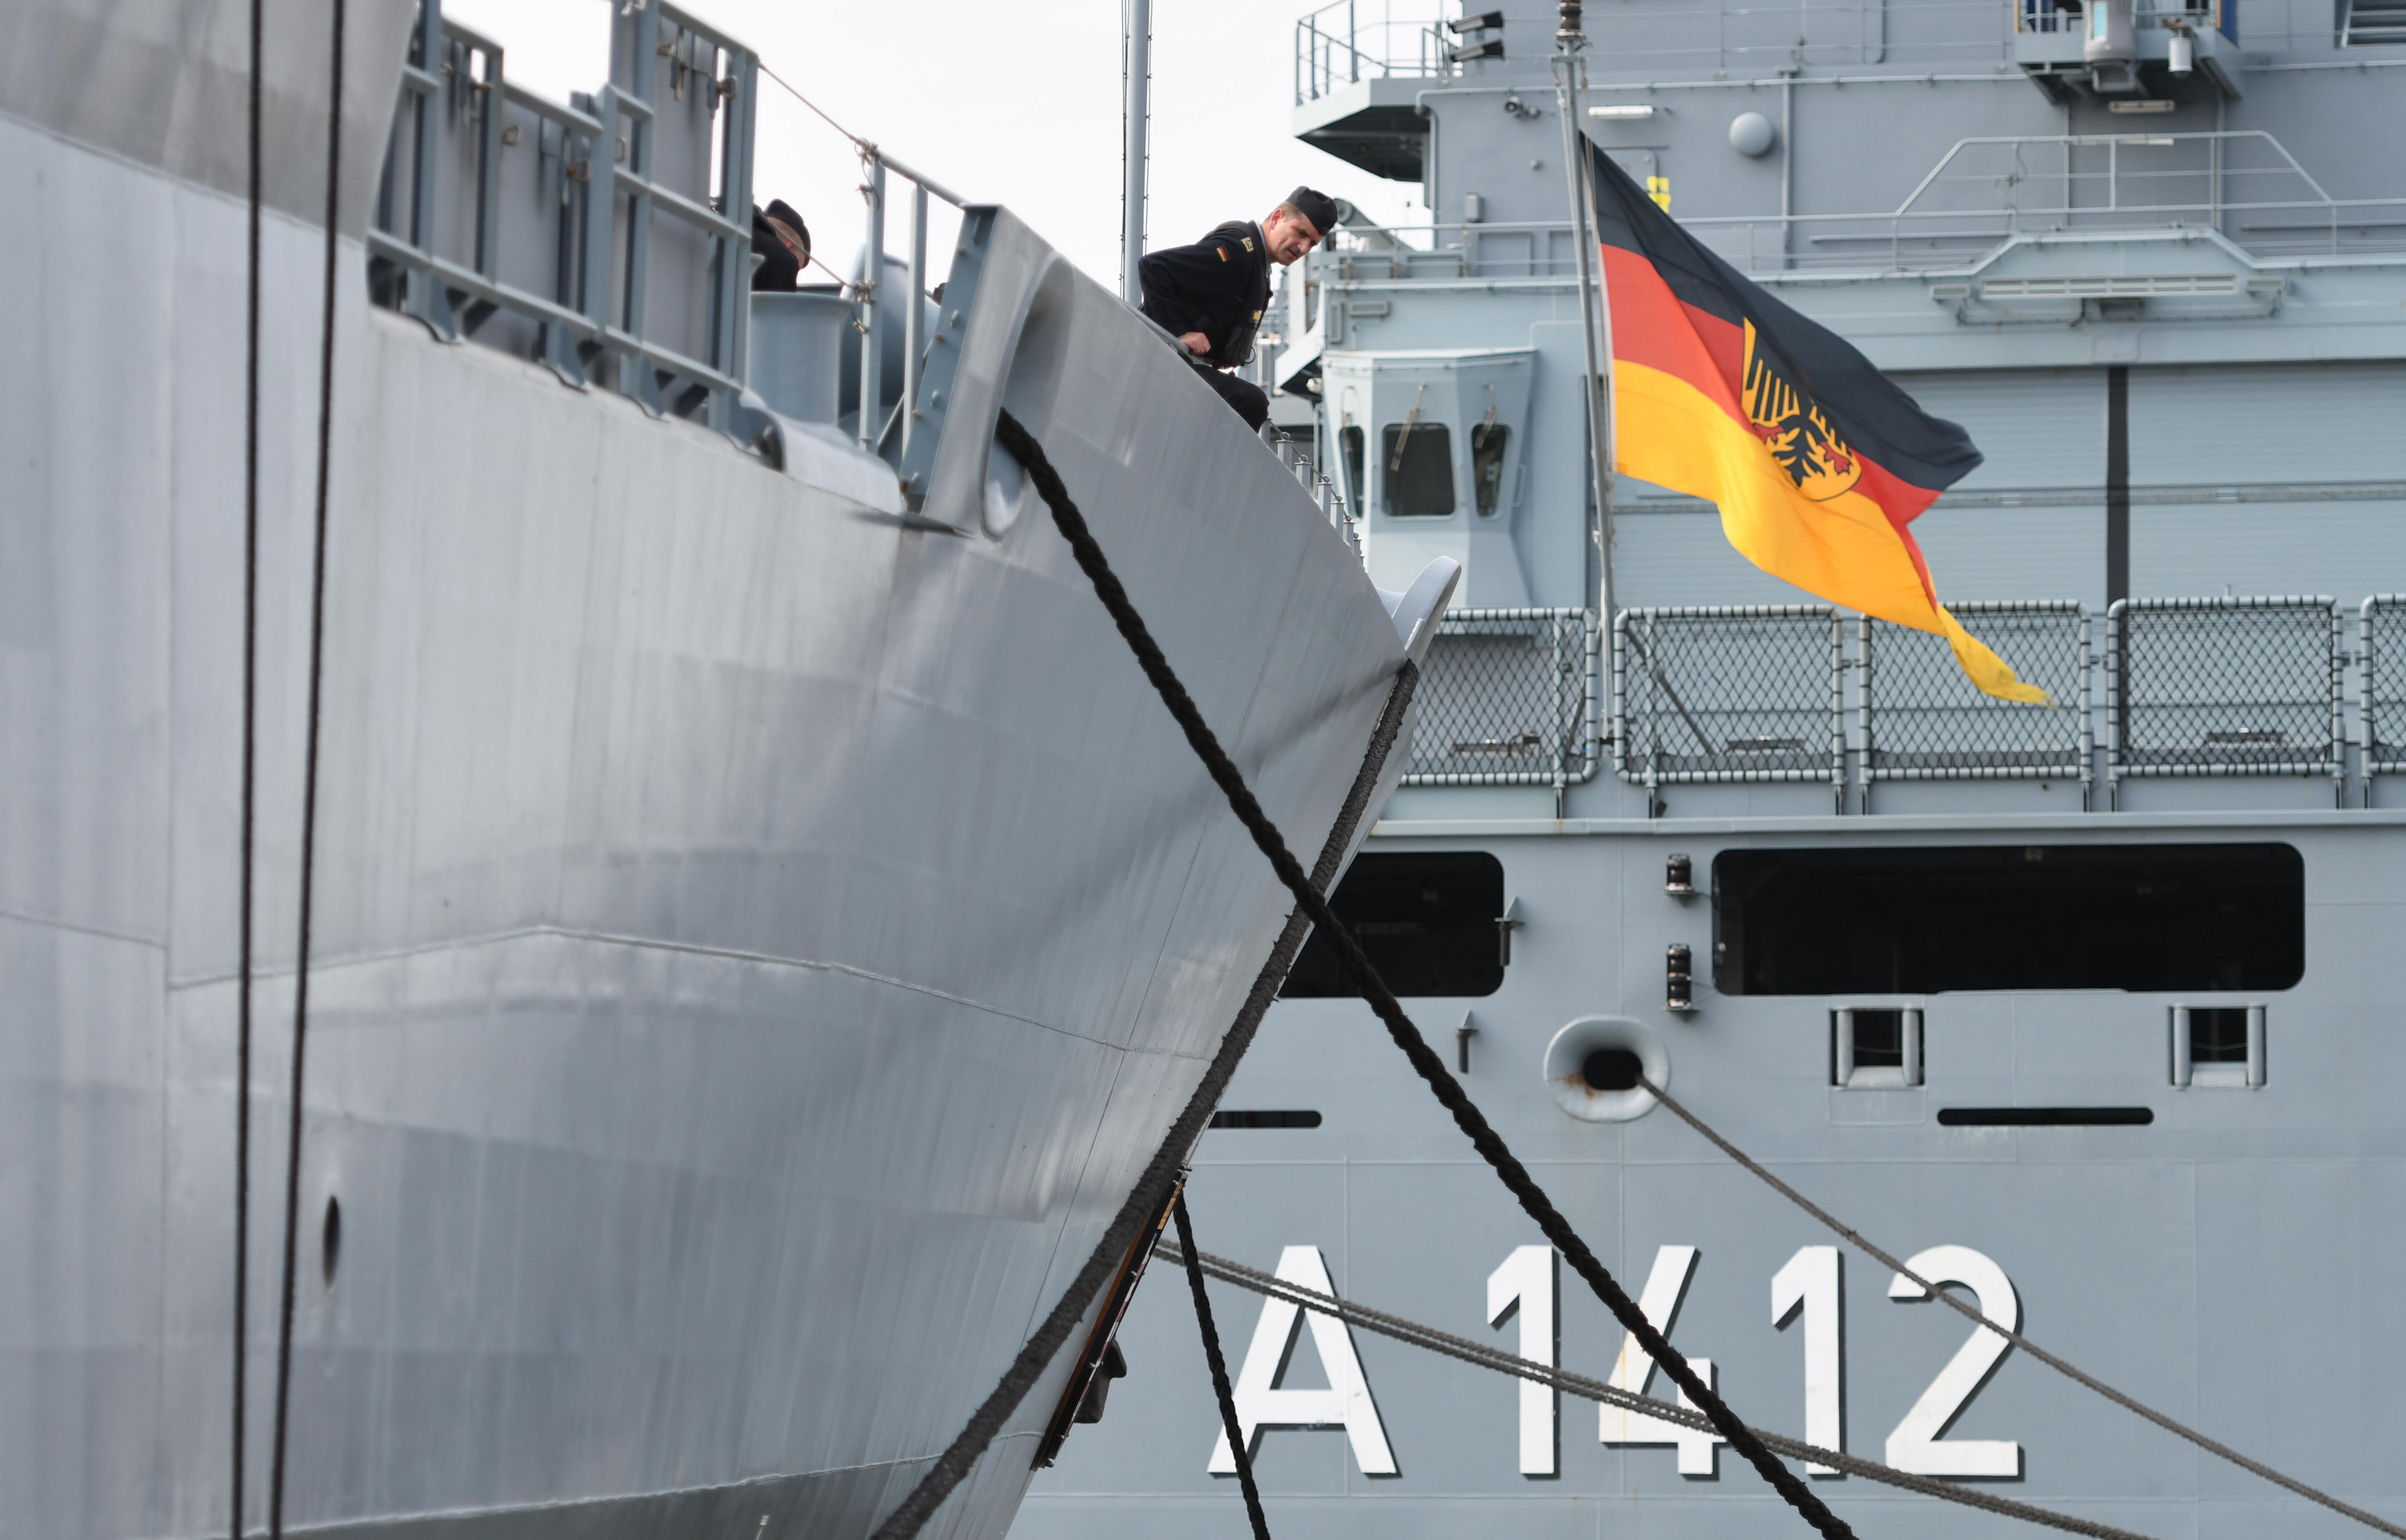 The Bundeswehr navy frigate